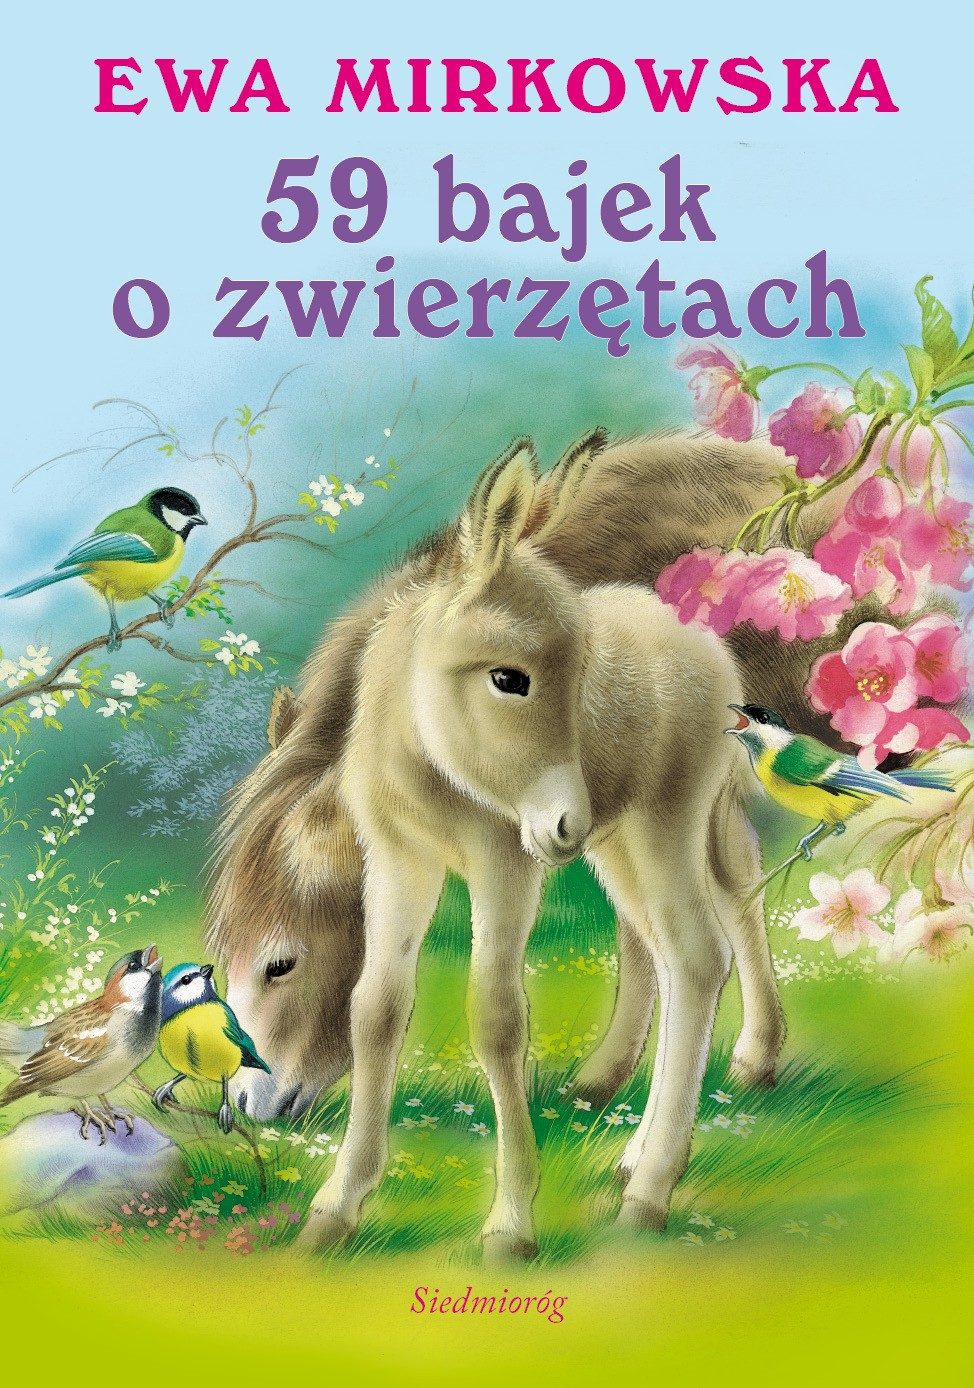 59 bajek o zwierzętach - Ewa Mirkowska